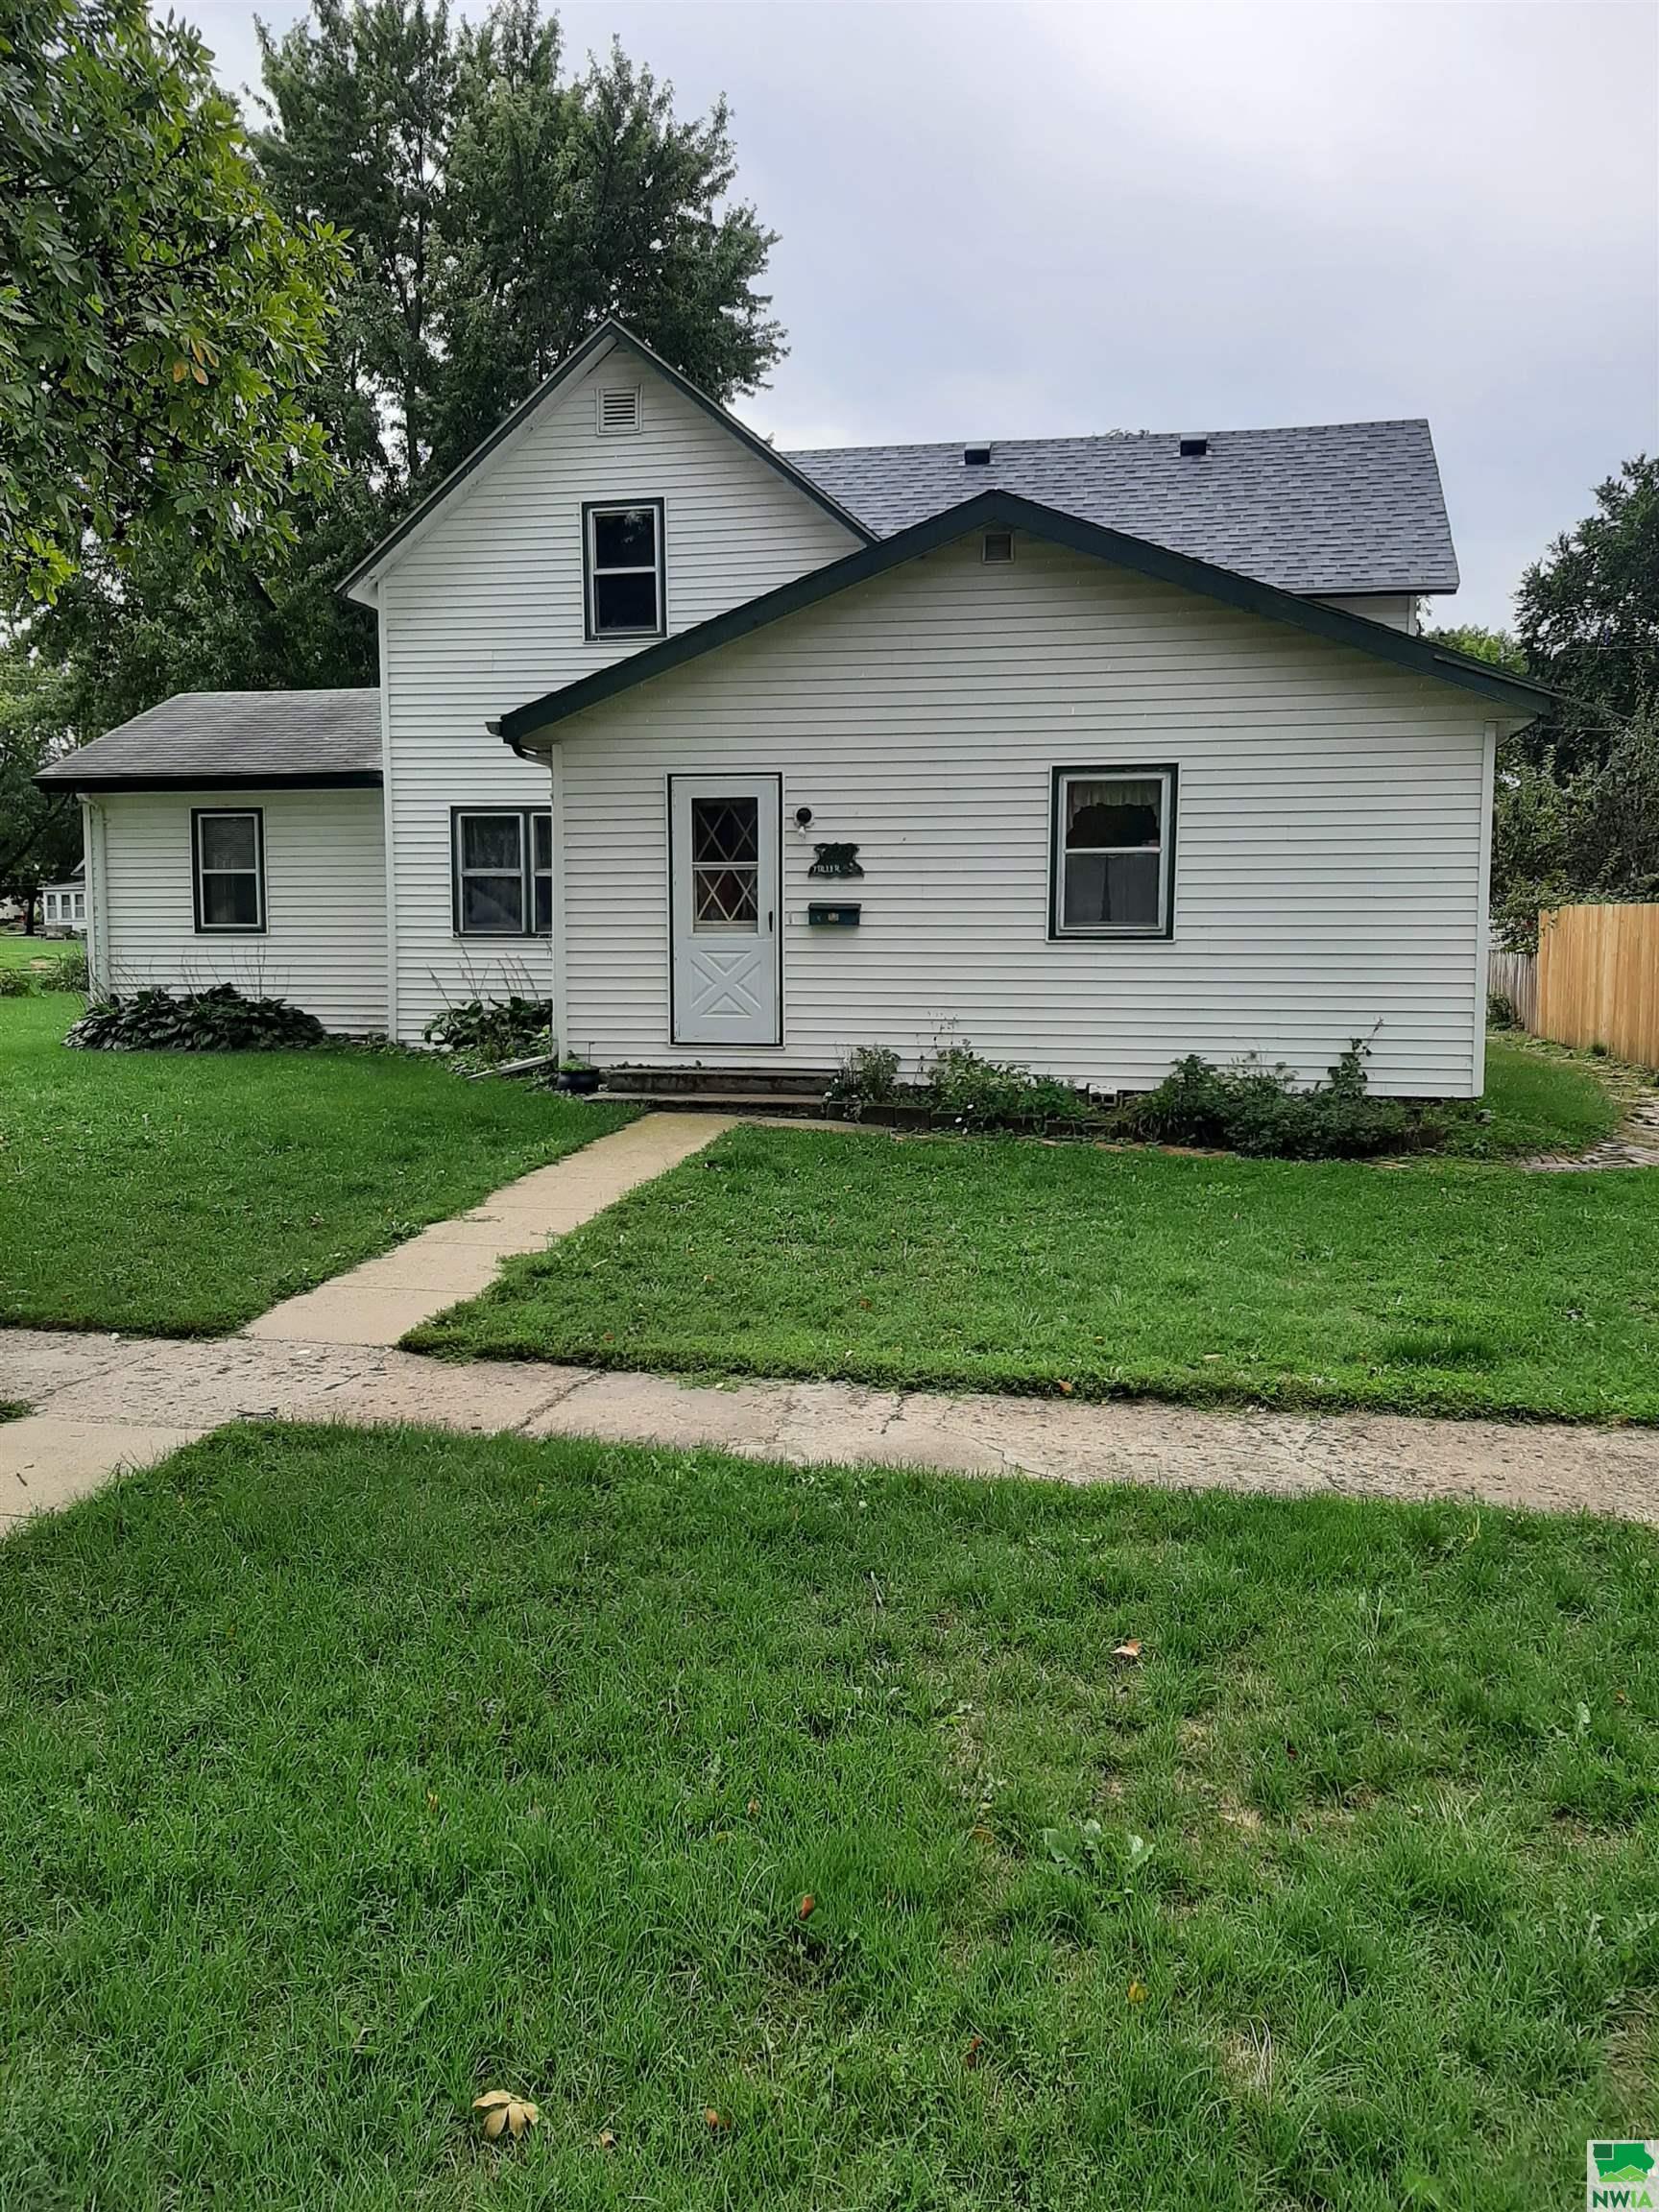 328 Jones St, Moville, Iowa 51039